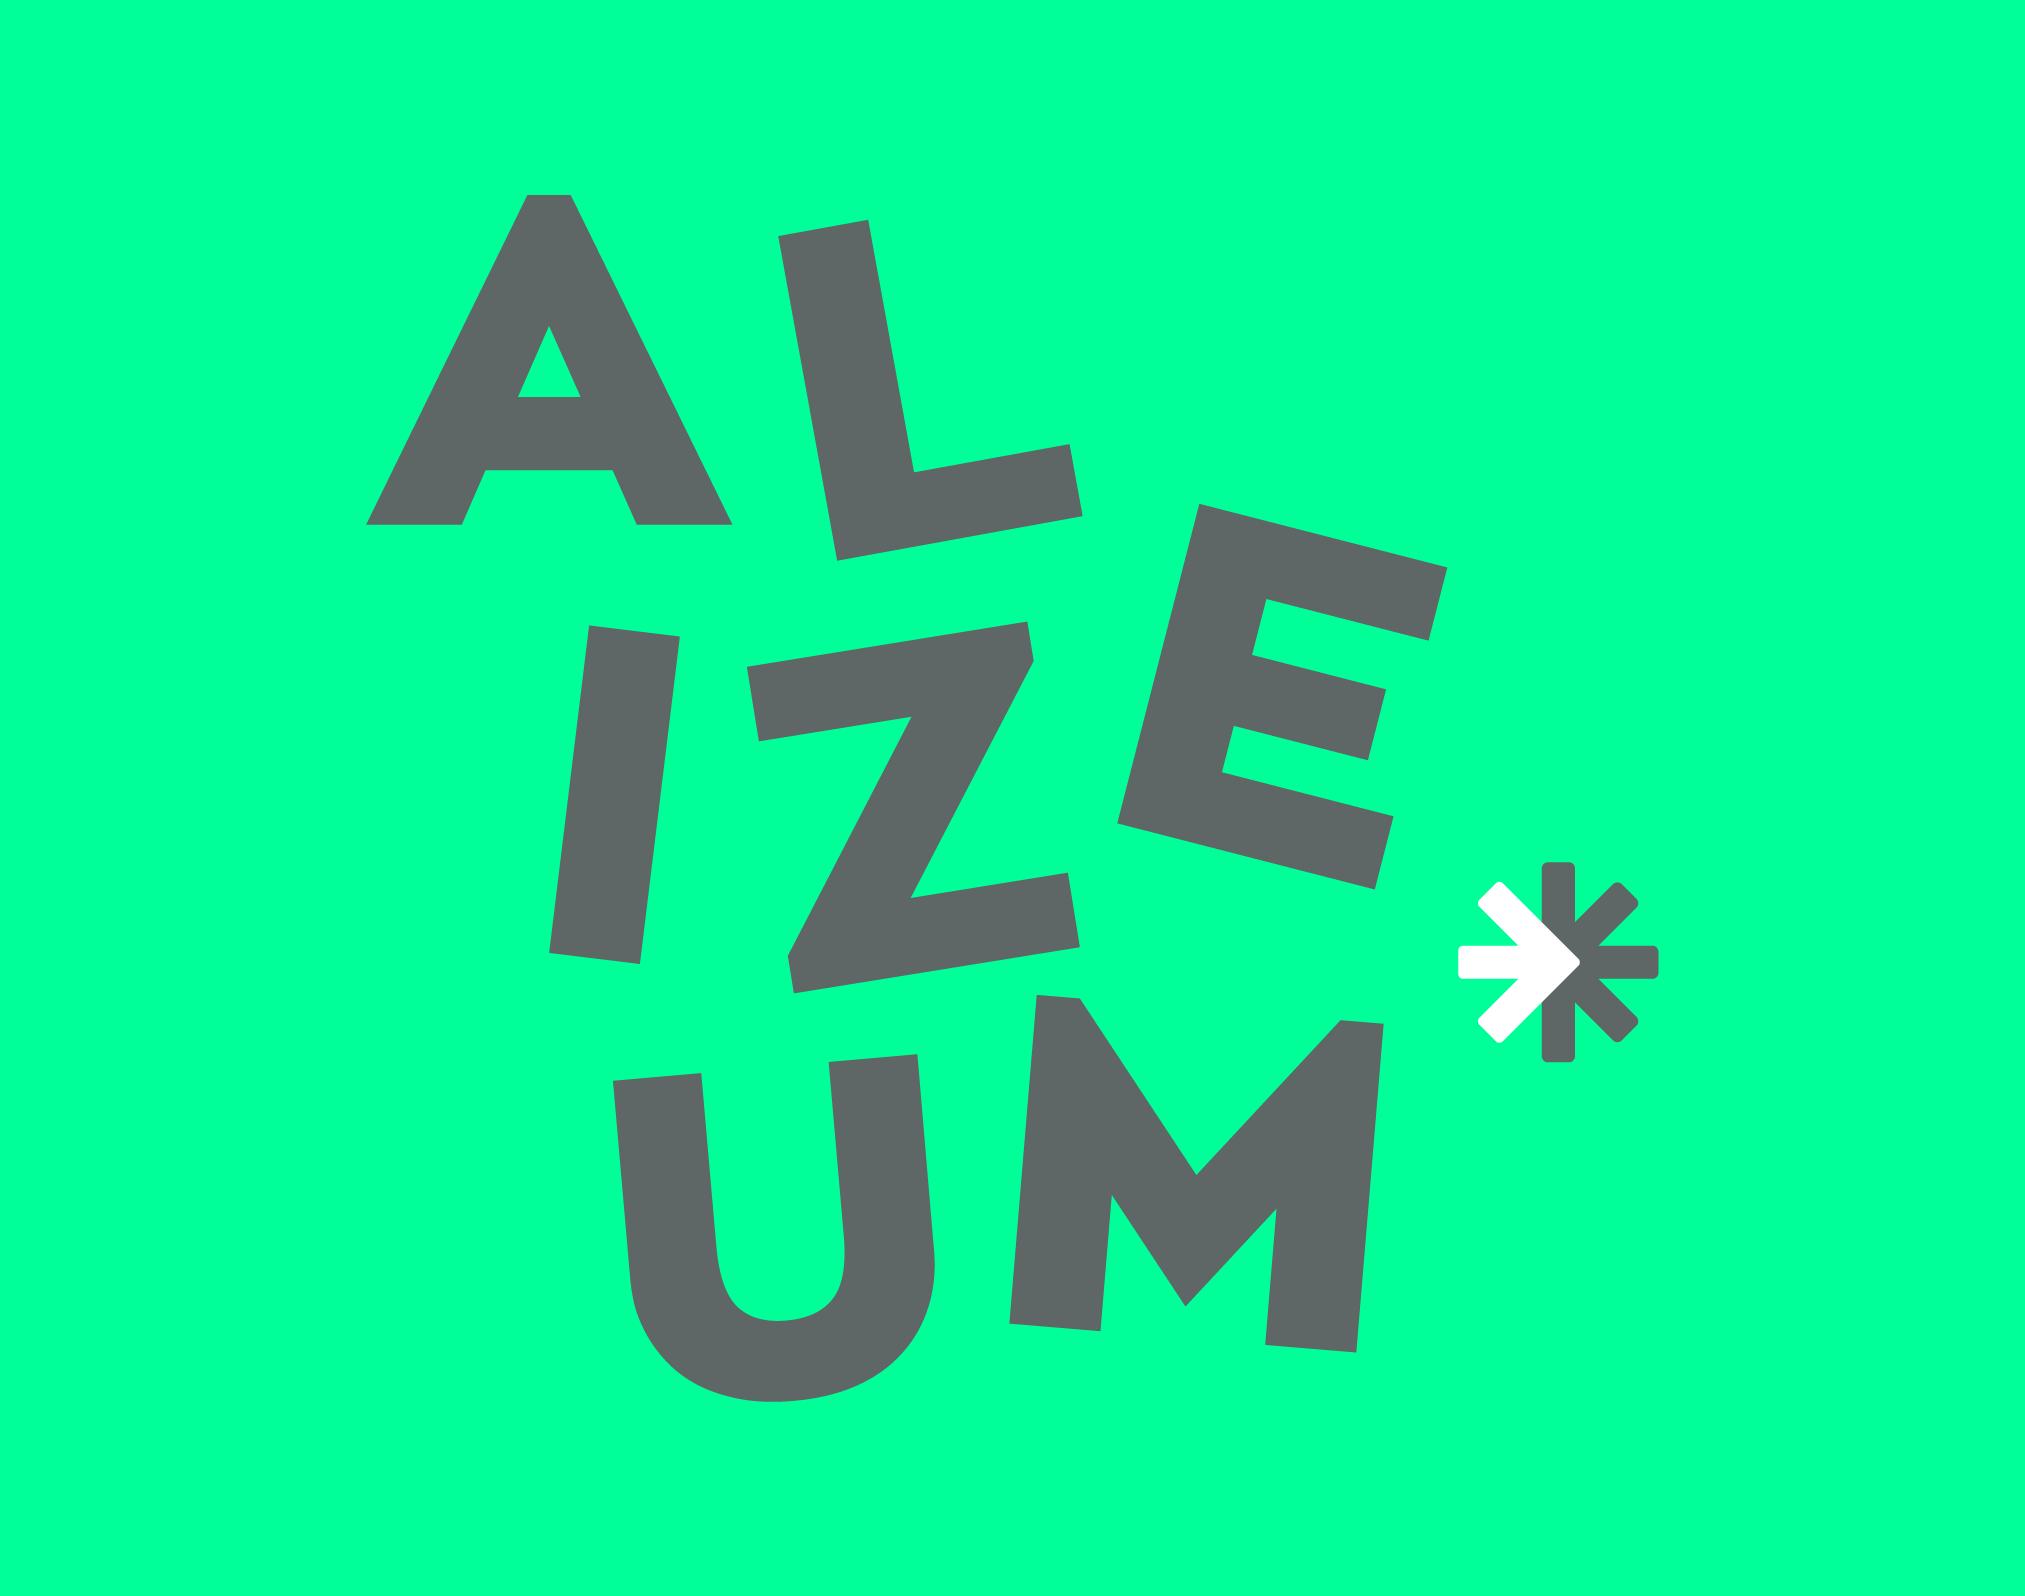 Alizeum logo